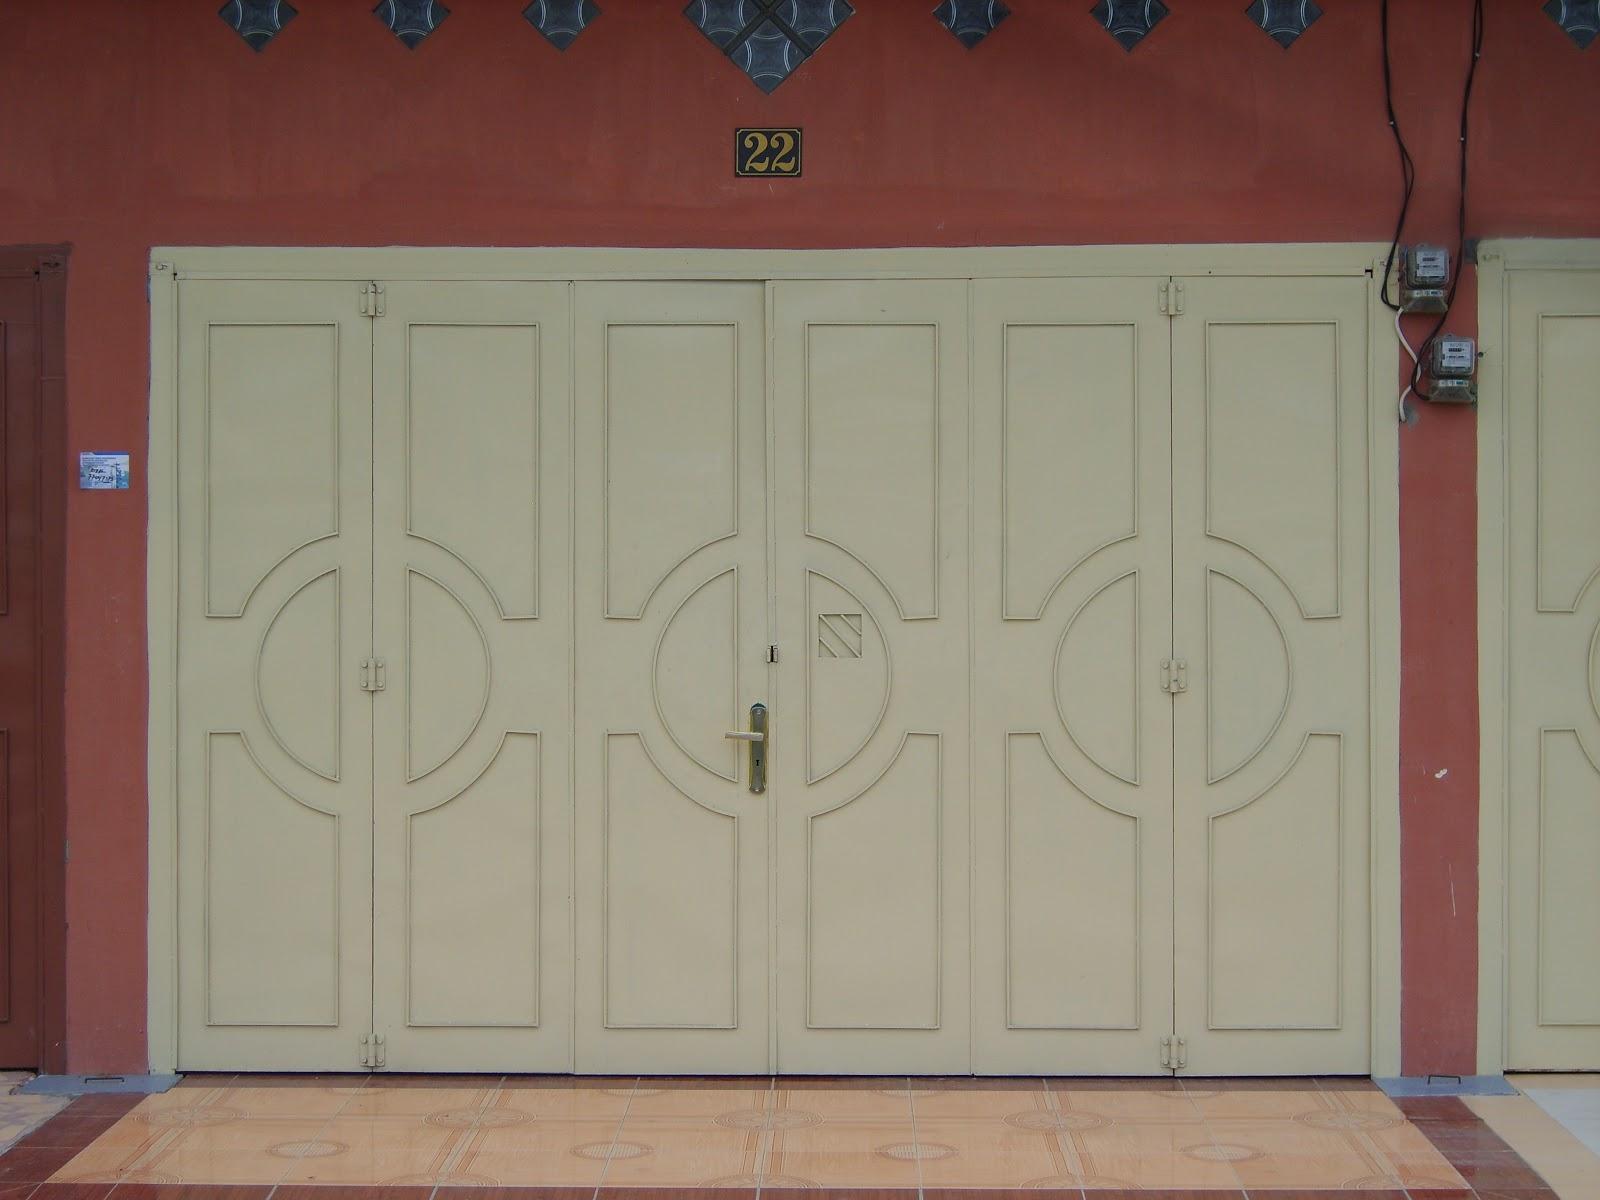 Populer 30+ Pintu Plat Besi Untuk Ruko